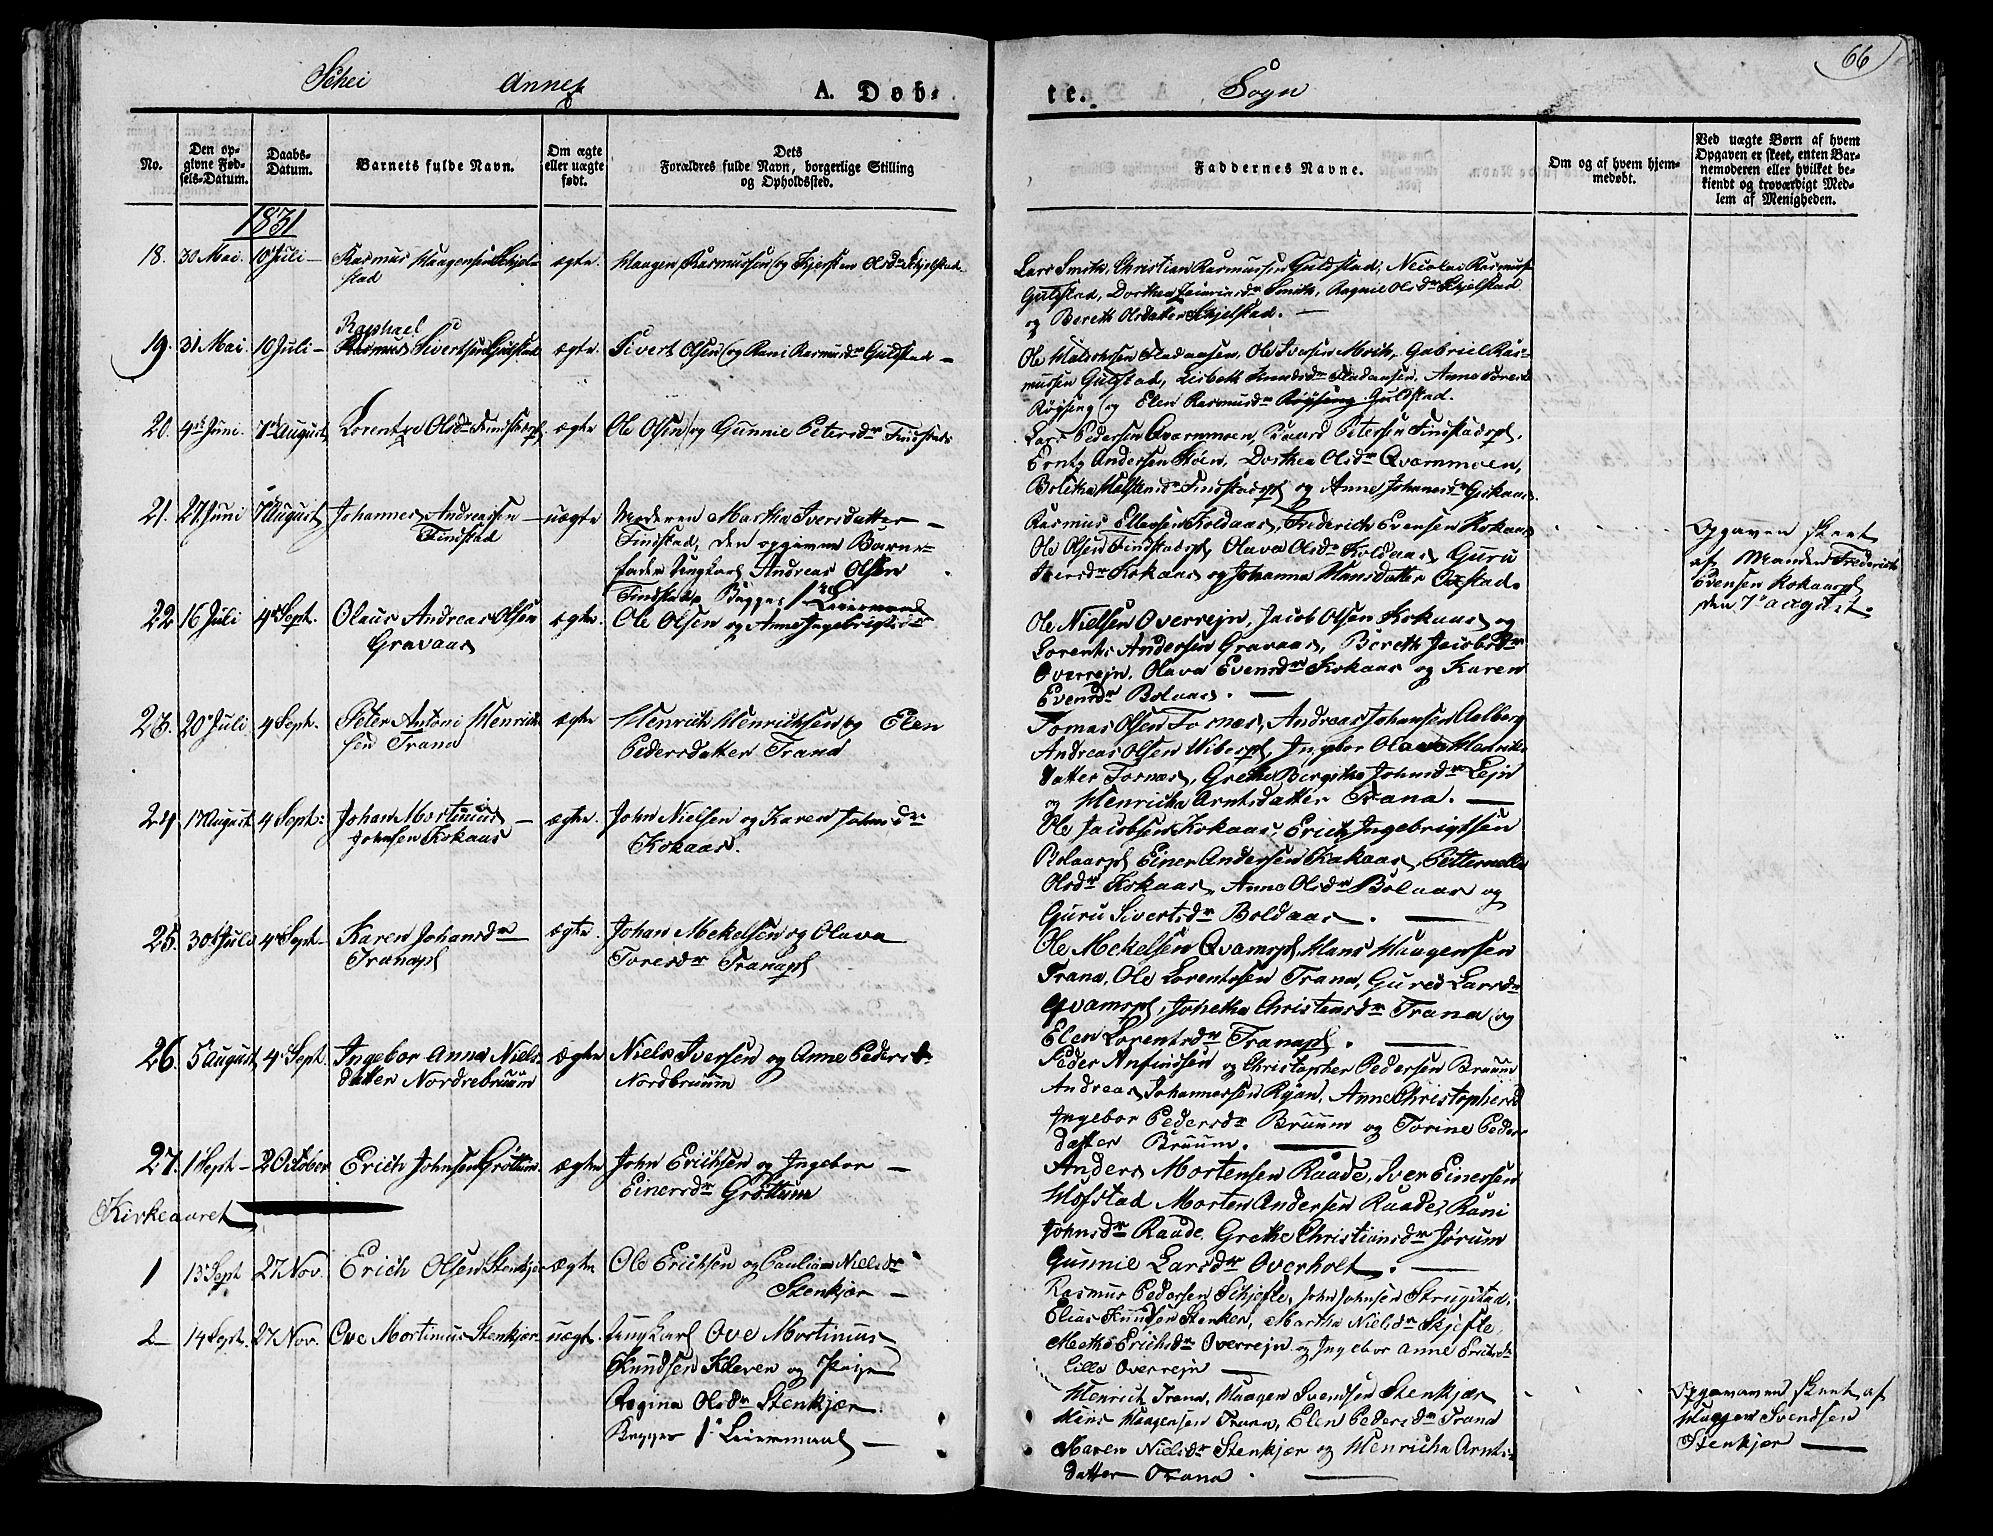 SAT, Ministerialprotokoller, klokkerbøker og fødselsregistre - Nord-Trøndelag, 735/L0336: Ministerialbok nr. 735A05 /2, 1825-1835, s. 66